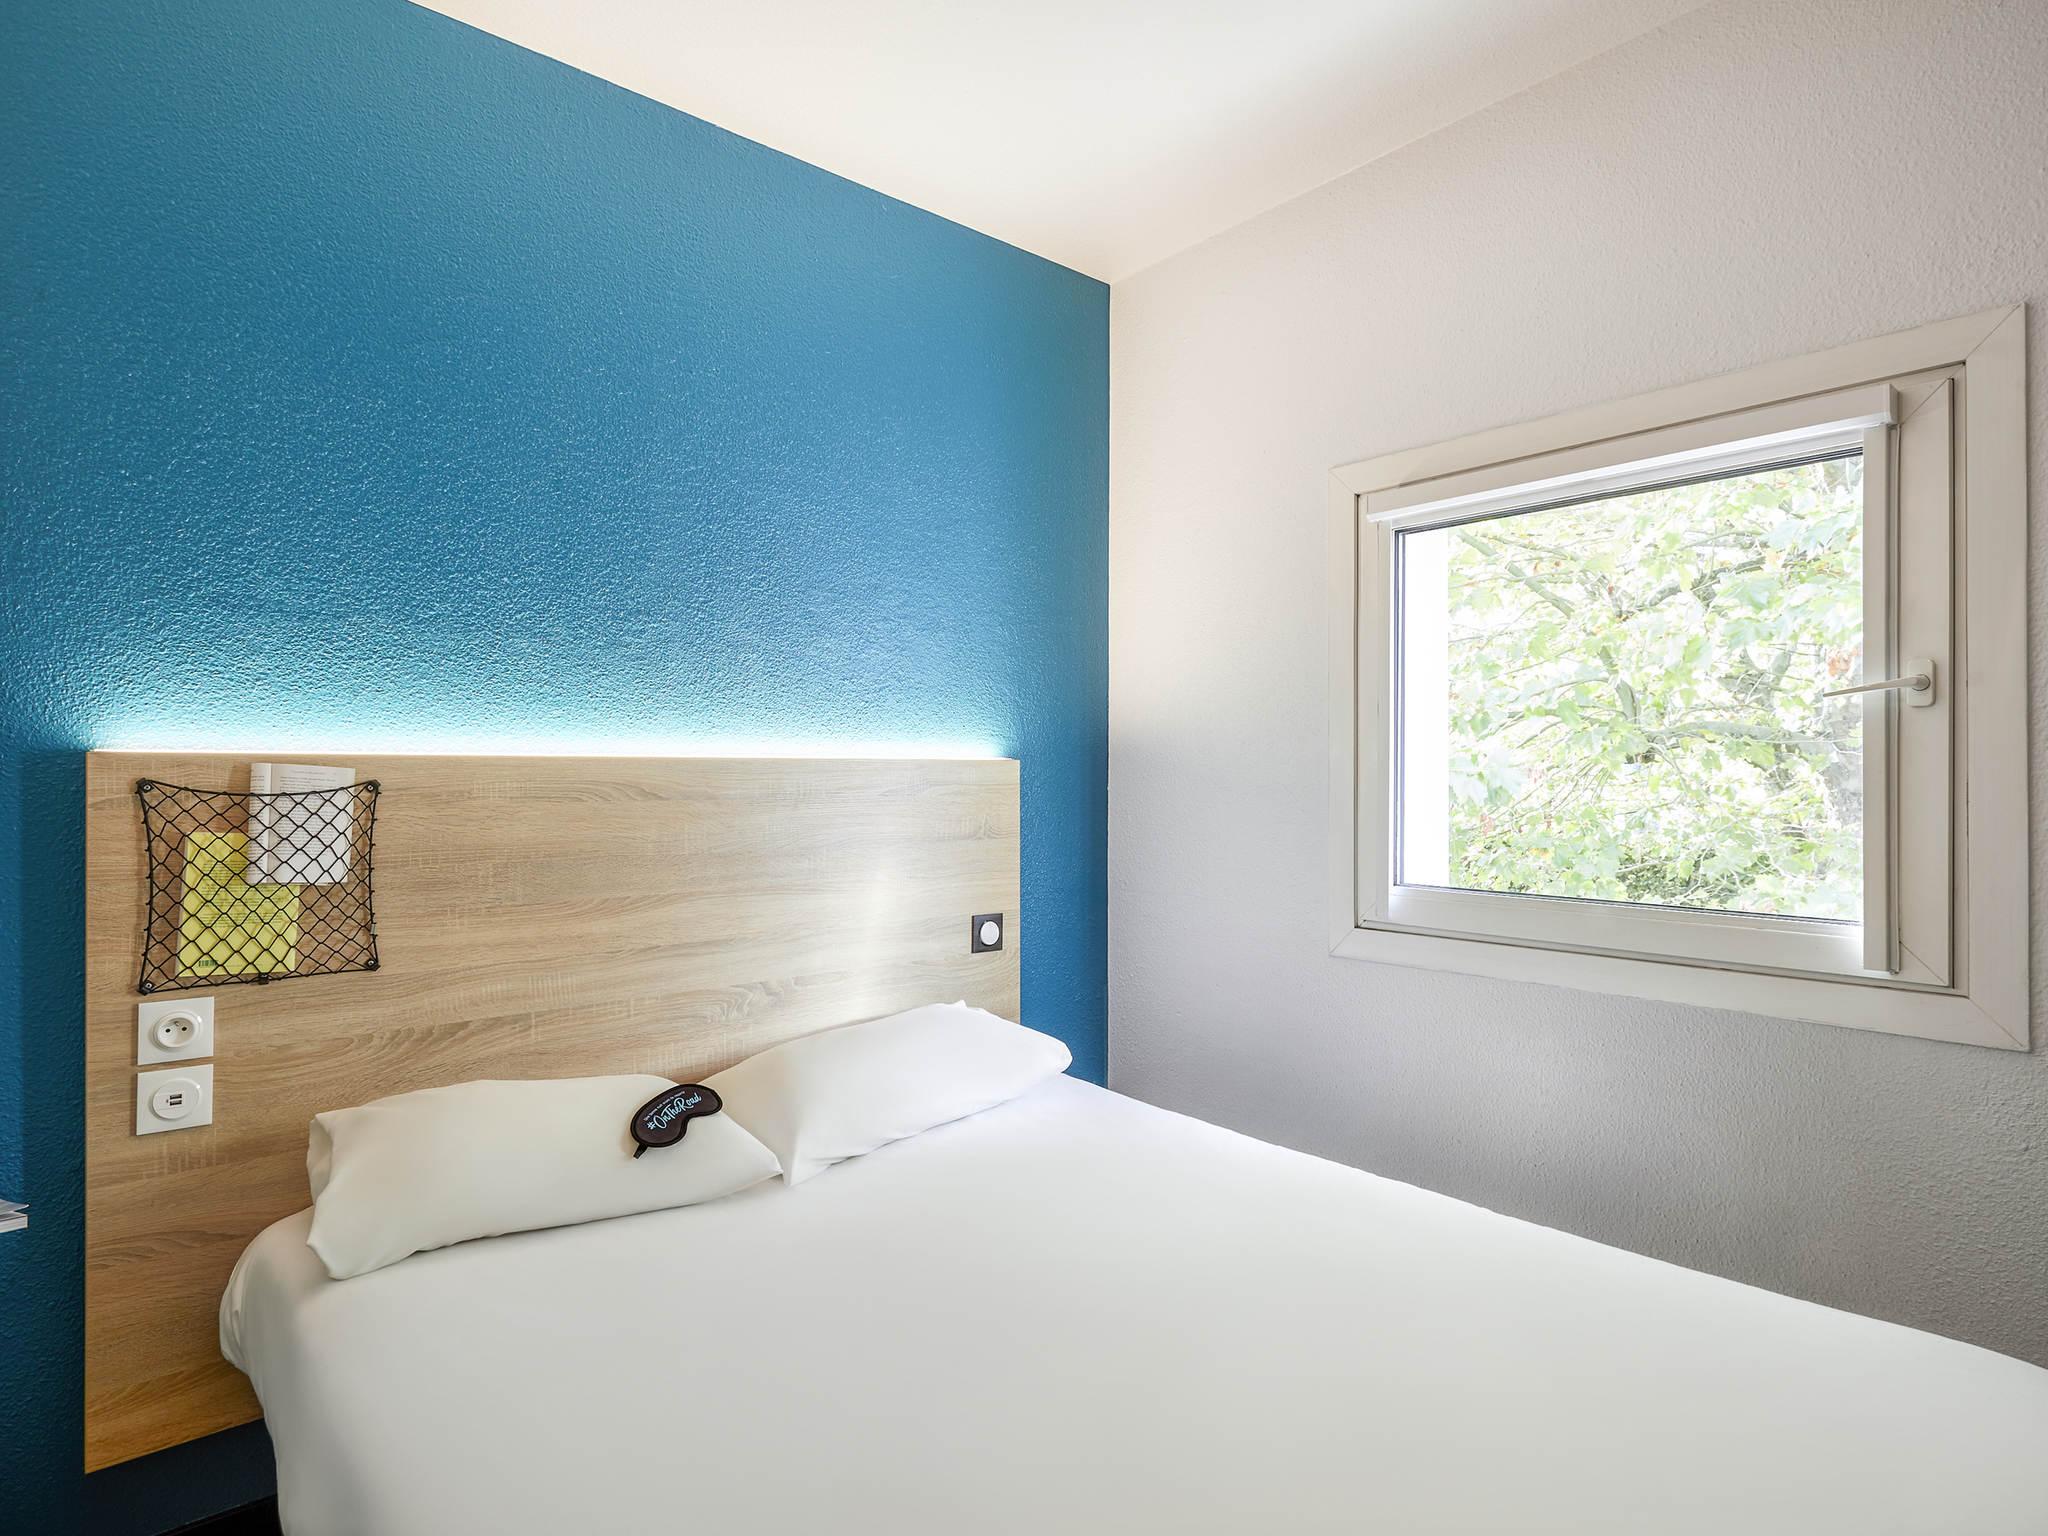 โรงแรม – hotelF1 Lyon Saint-Priest (rénové)